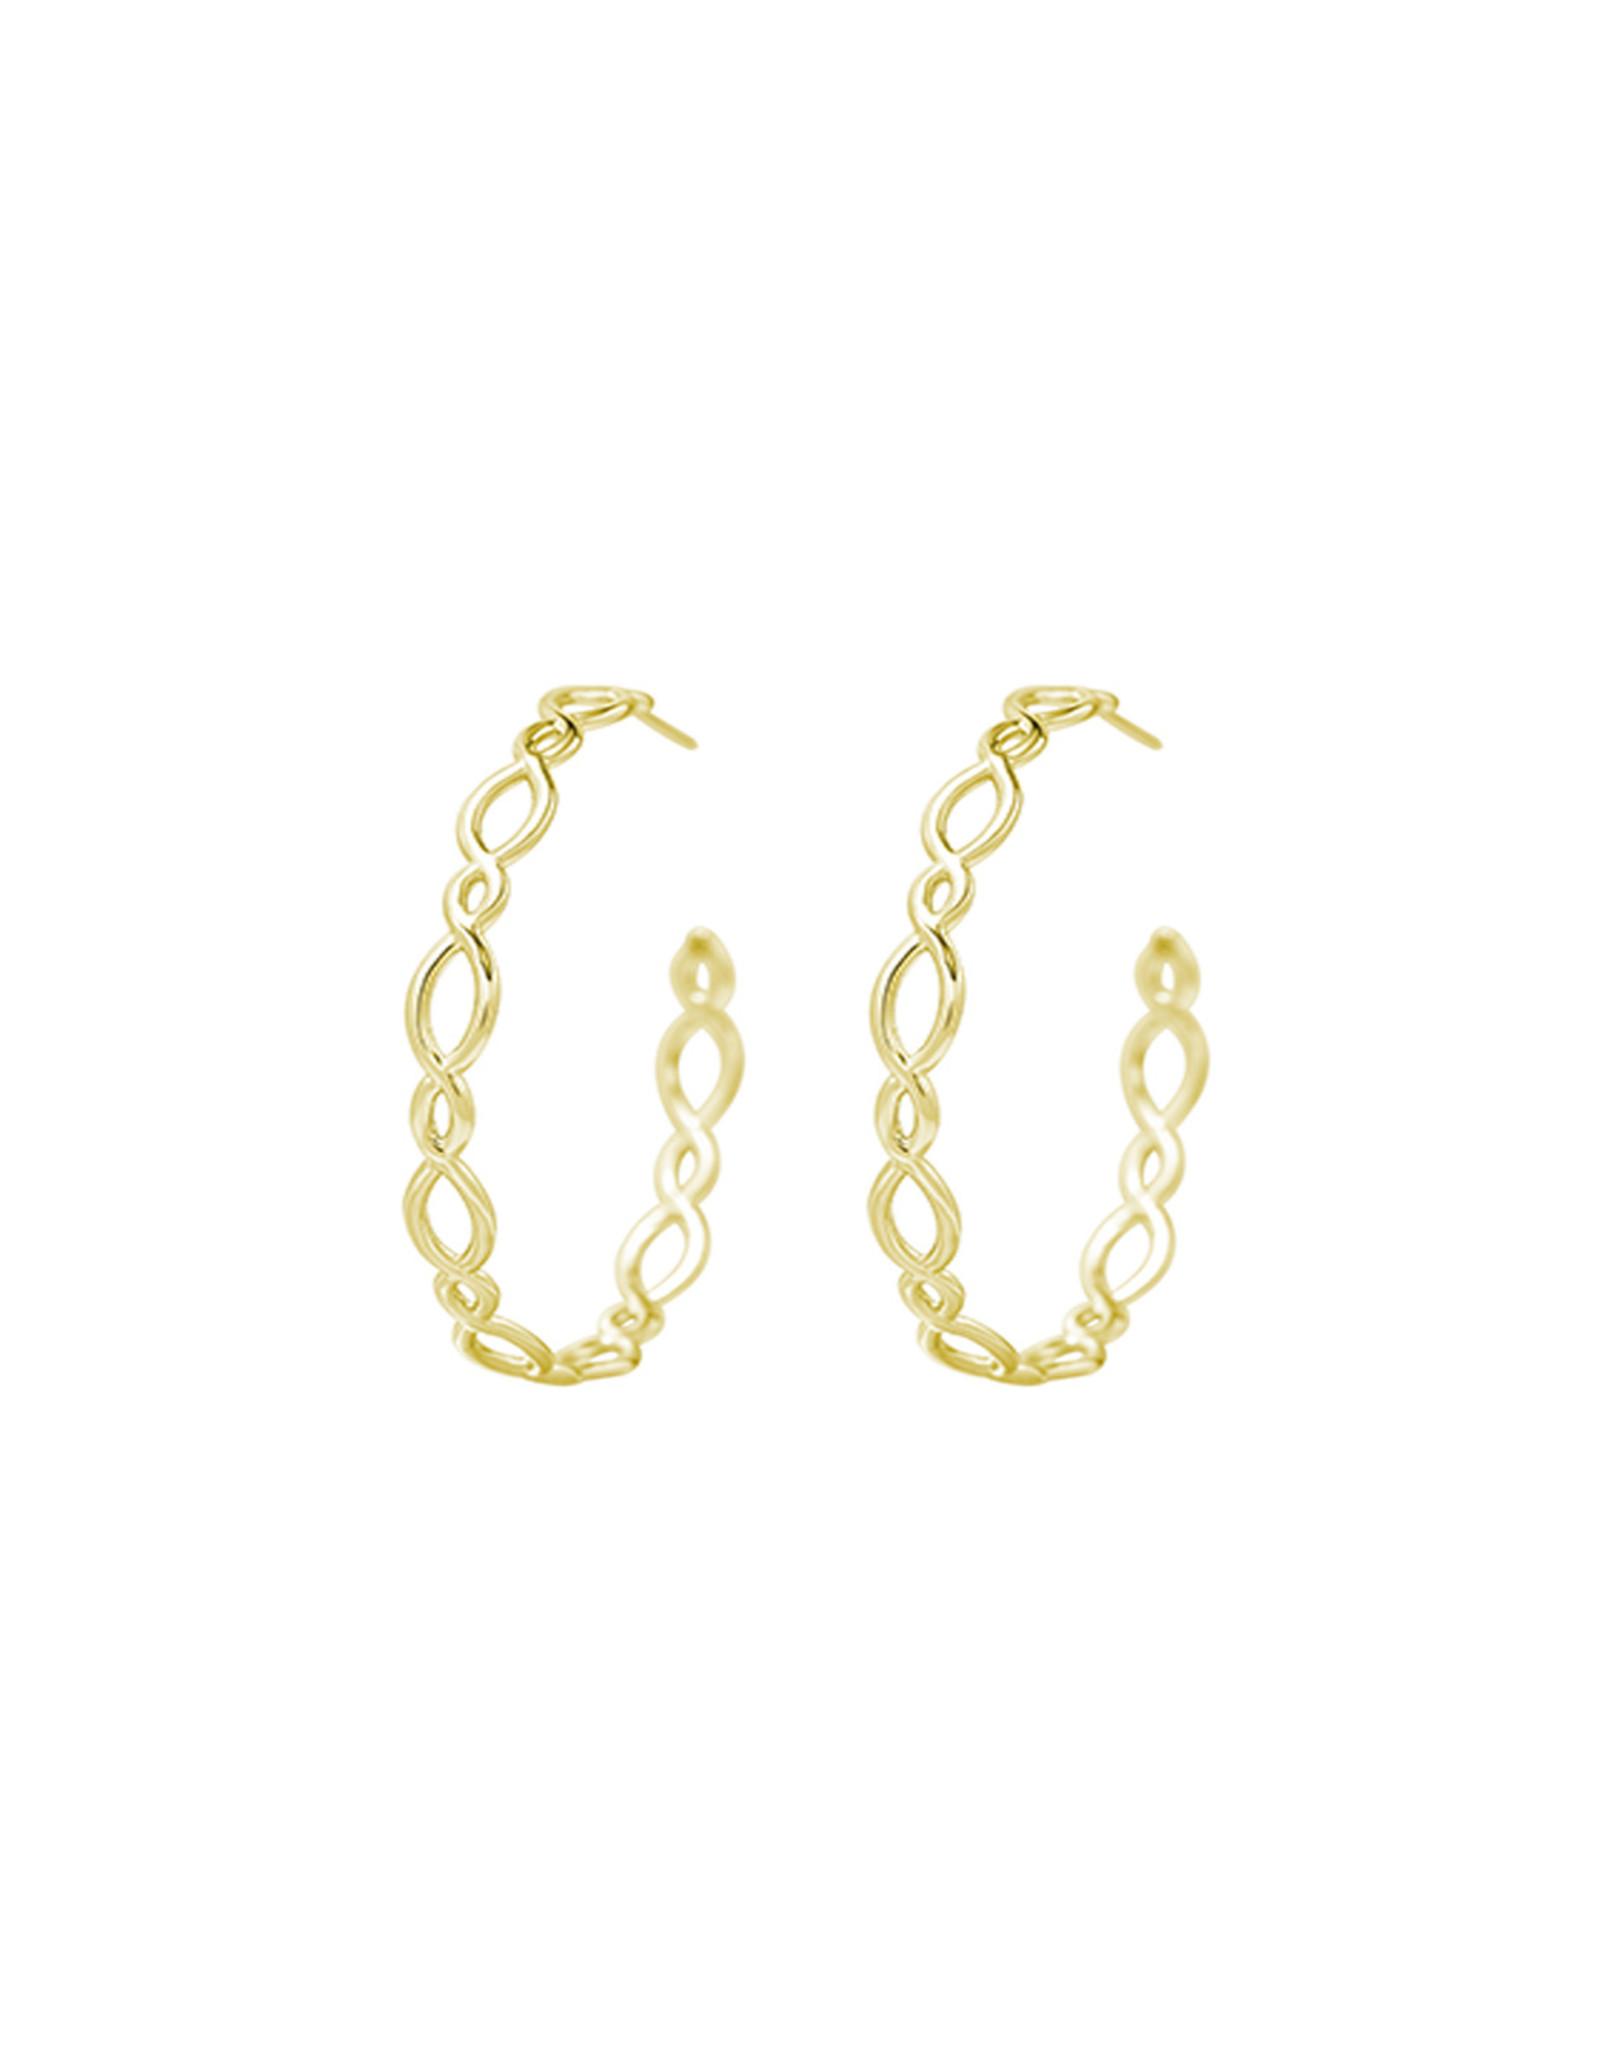 Natalie Wood Designs Bloom Hoop Earrings - Gold